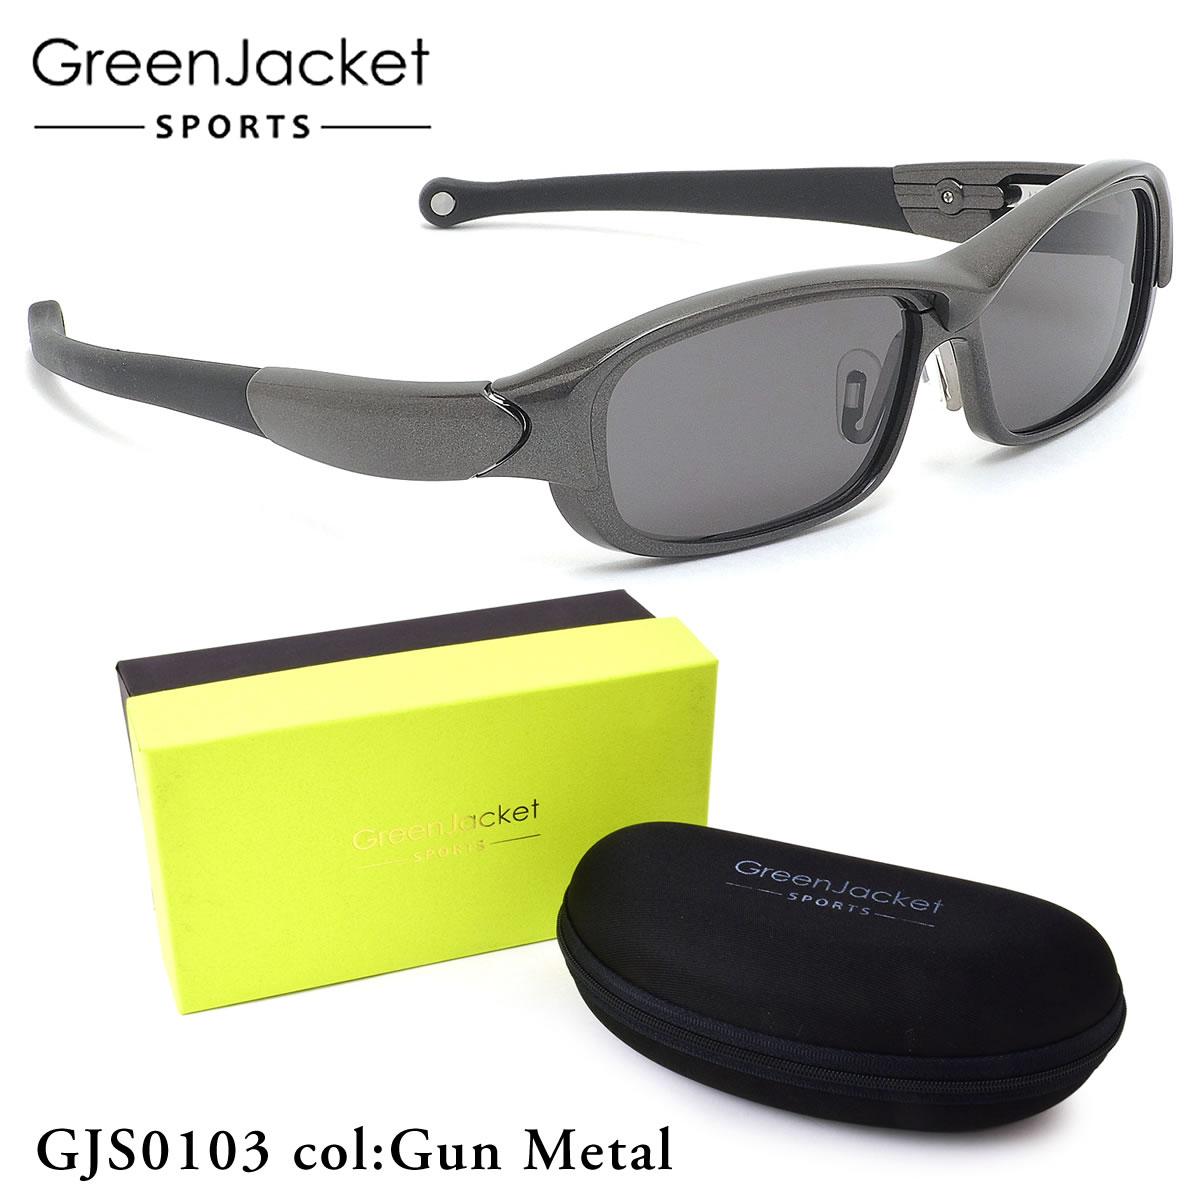 【10月30日からエントリーで全品ポイント20倍】【グリーンジャケットスポーツ】 (GreenJacketSports) サングラスGJS101 3 58サイズスポーツ スクエア GreenJacketSports メンズ レディース